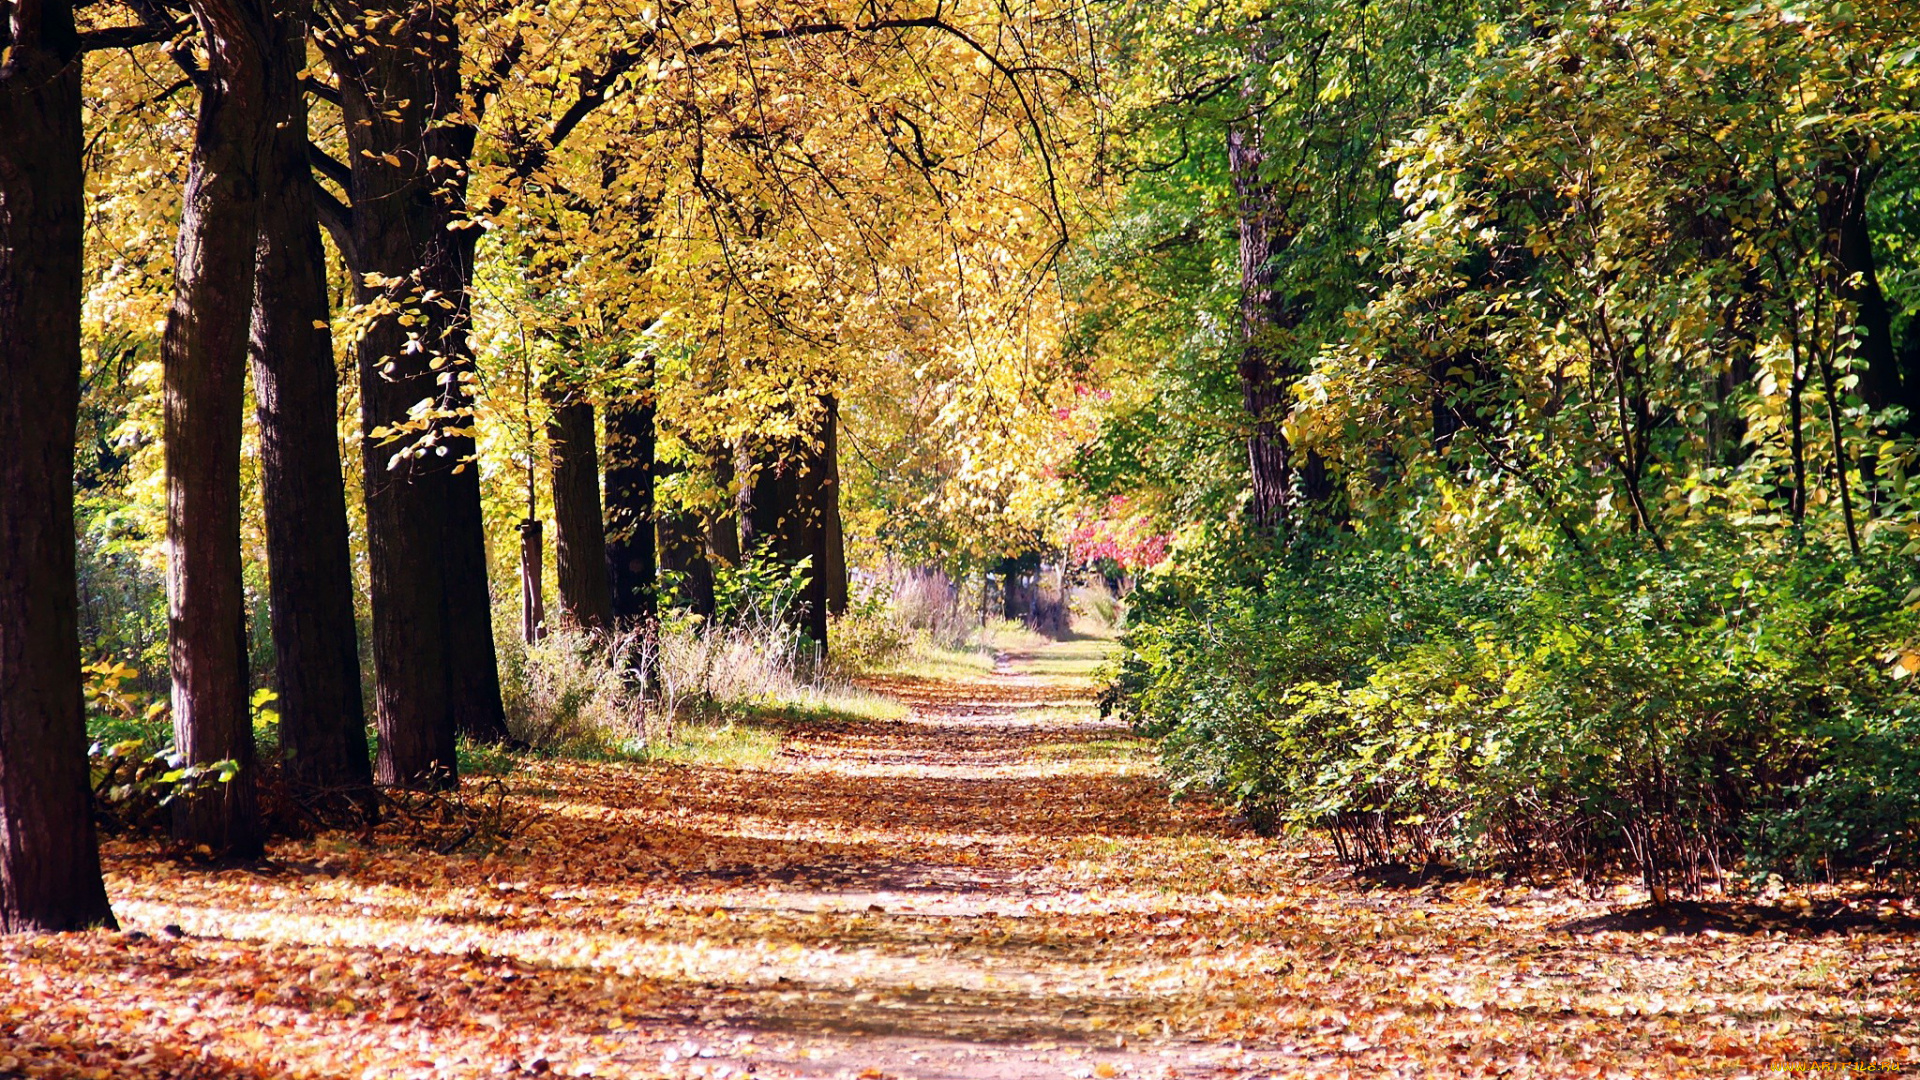 для меня осенние аллеи в лесах и парках картинки того, как